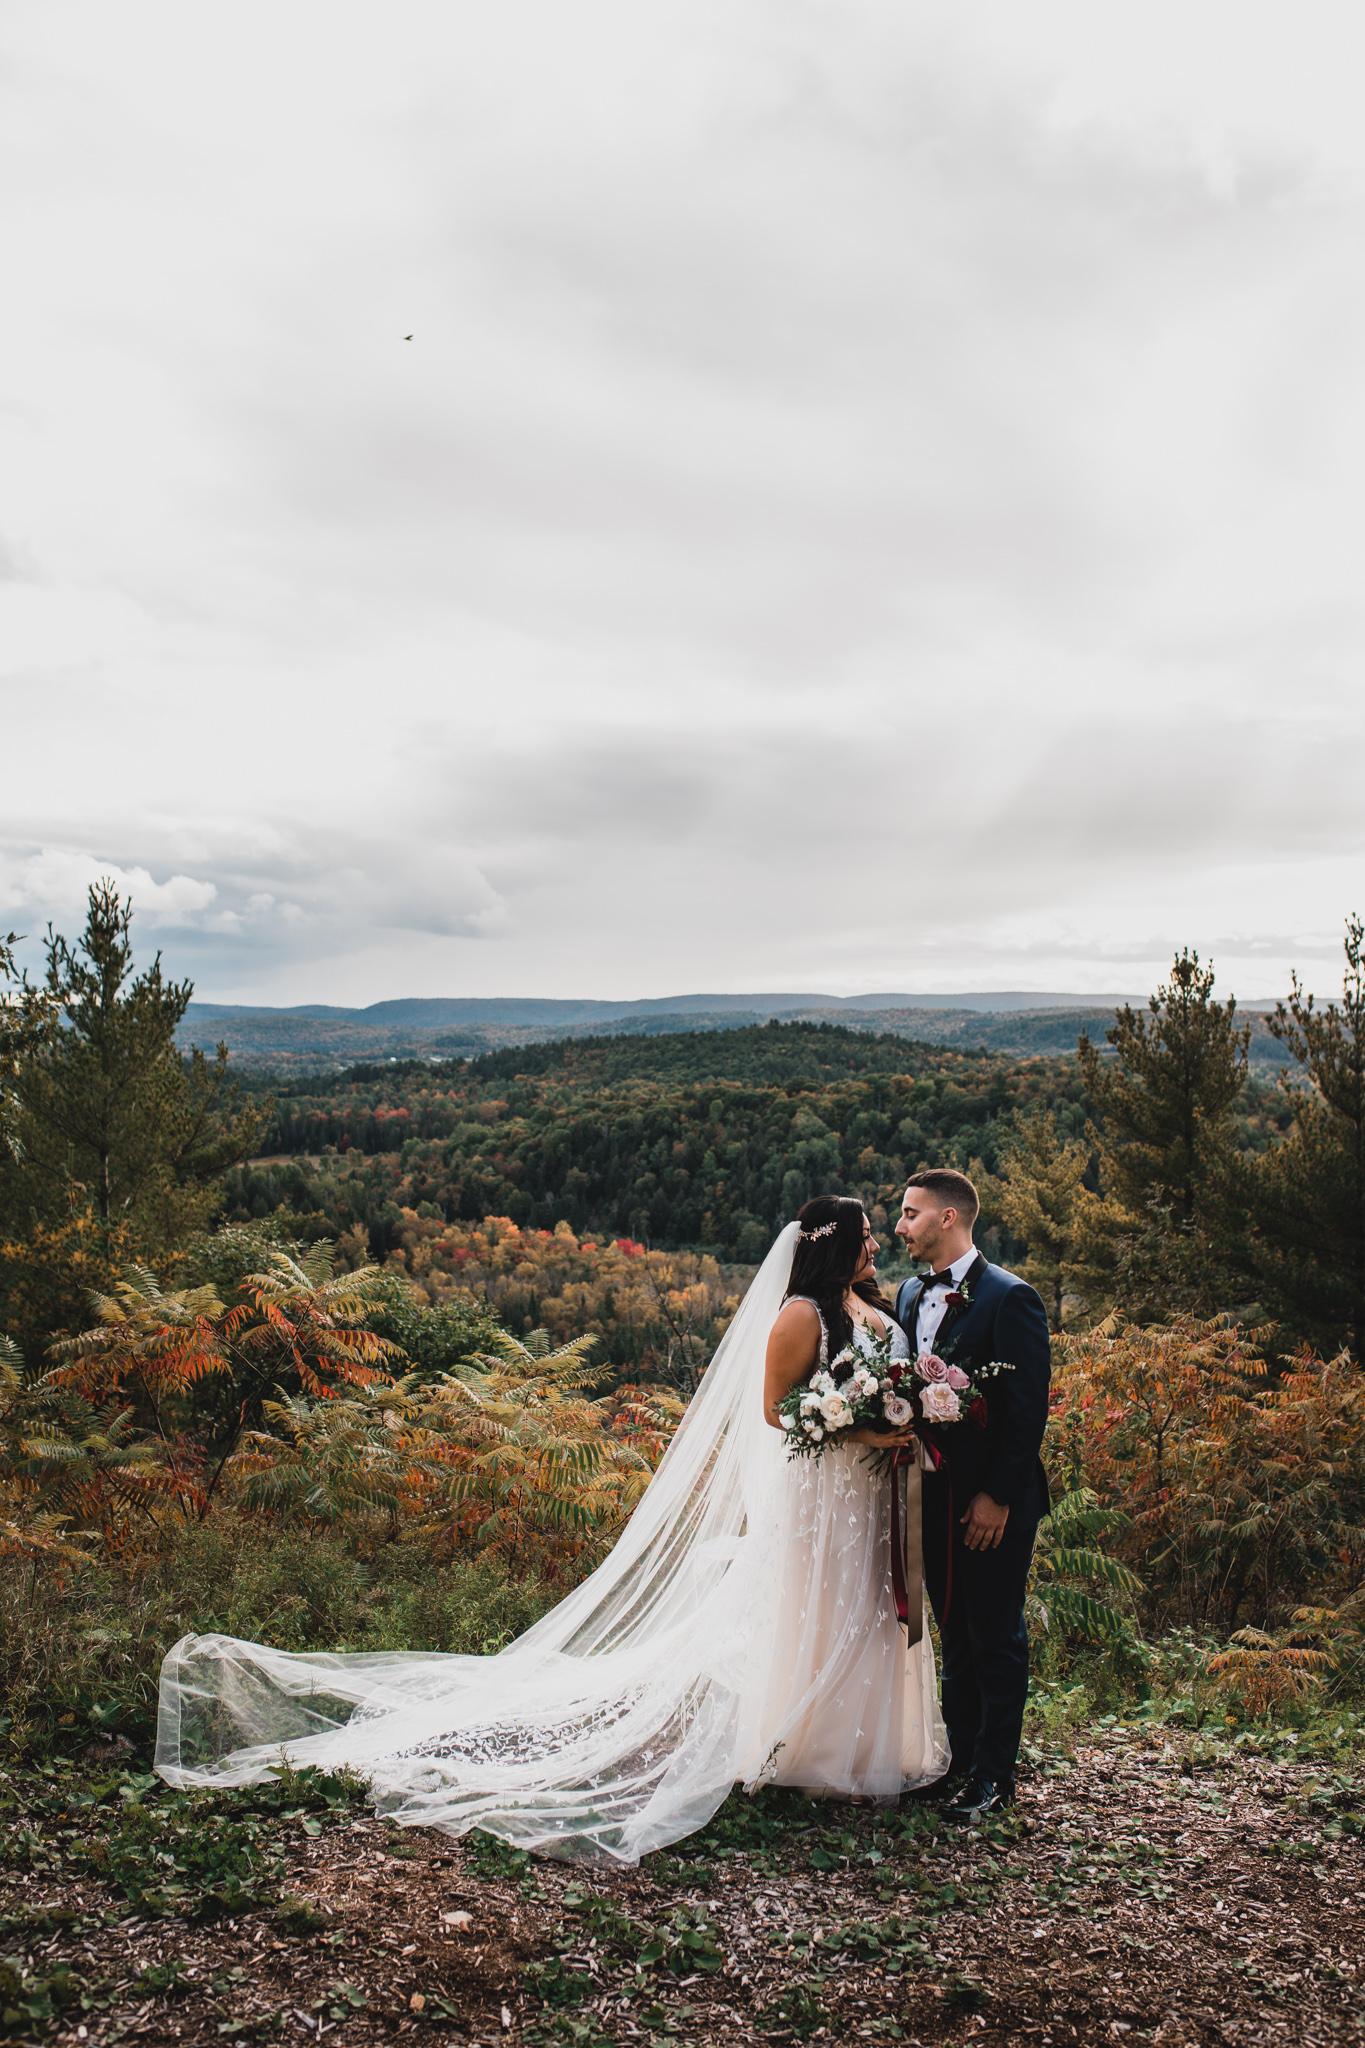 Modern, classy wedding venue destinations